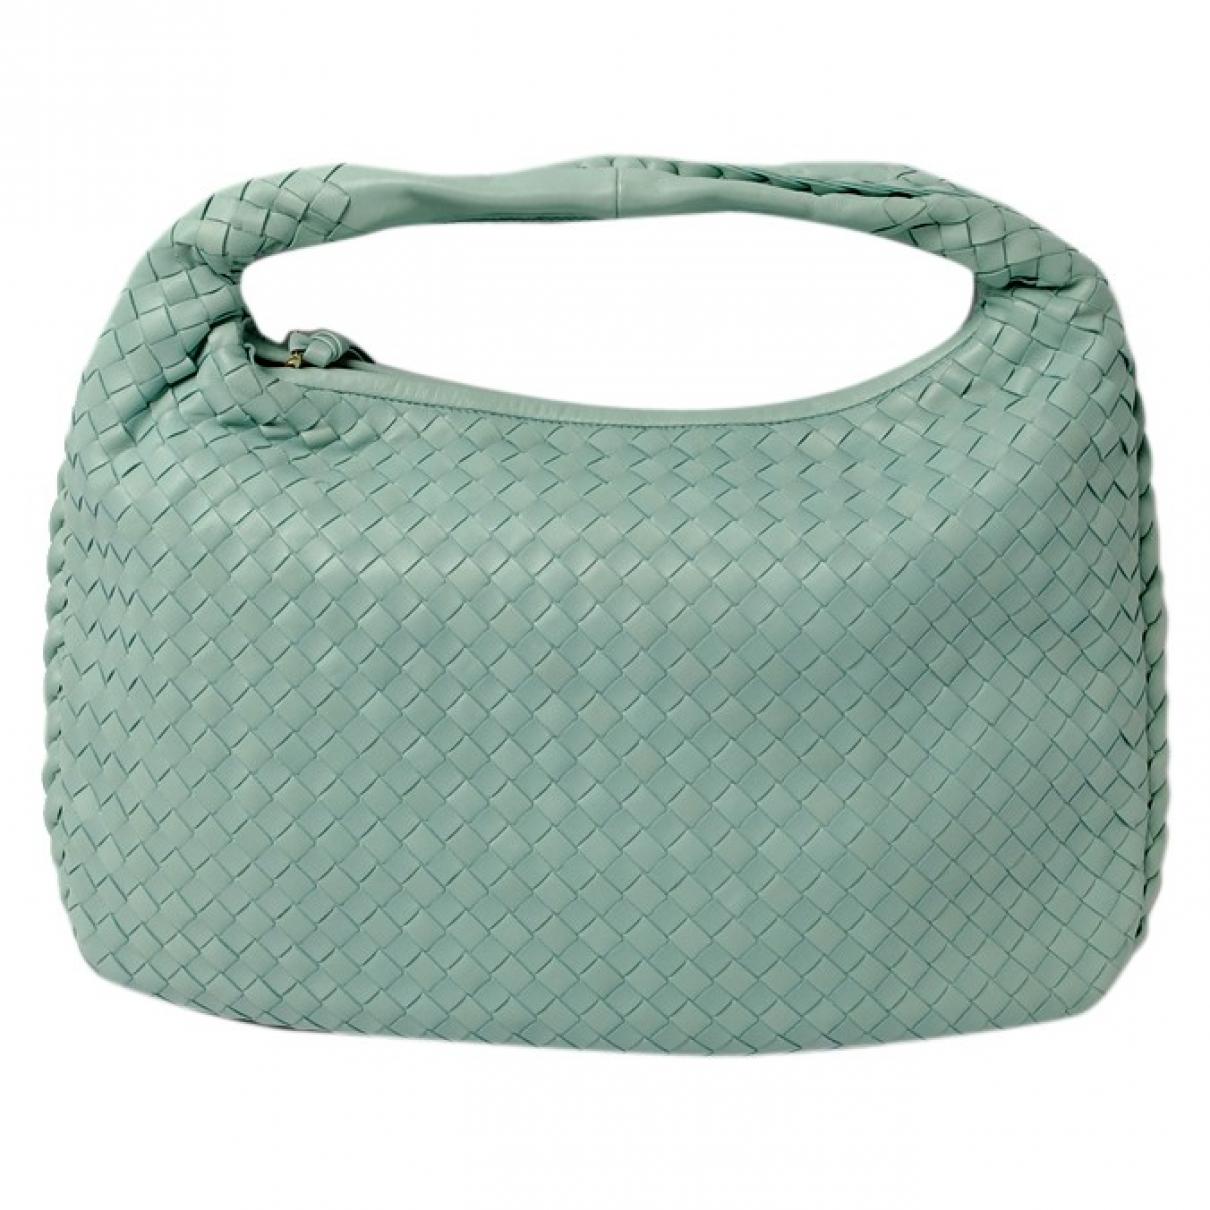 Bottega Veneta Veneta Blue Leather handbag for Women \N